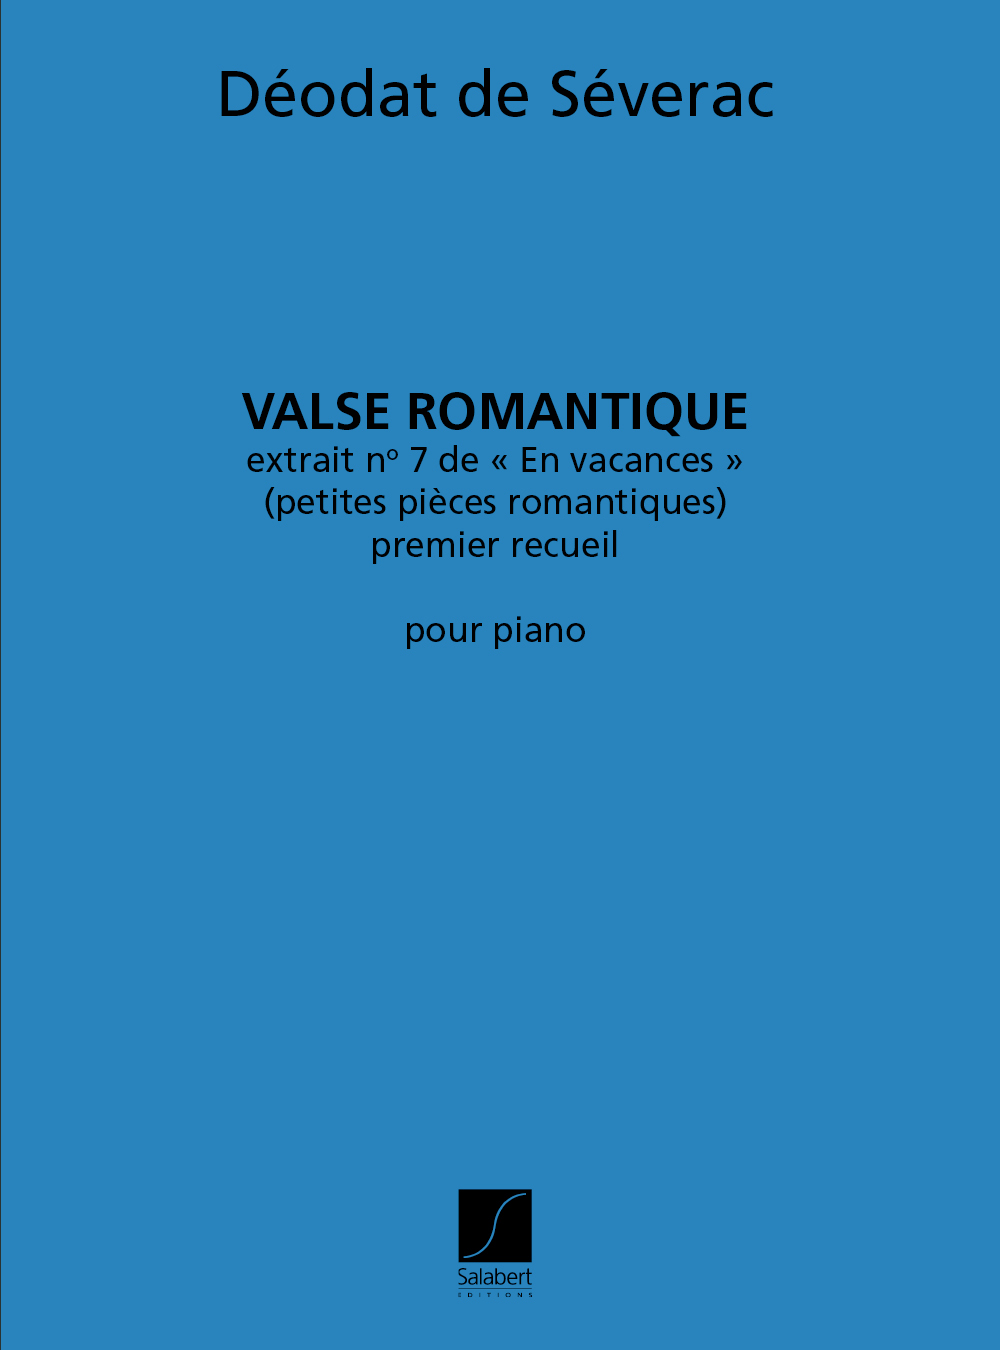 Déodat de Séverac: Valse Romantique  extrait no.7 de